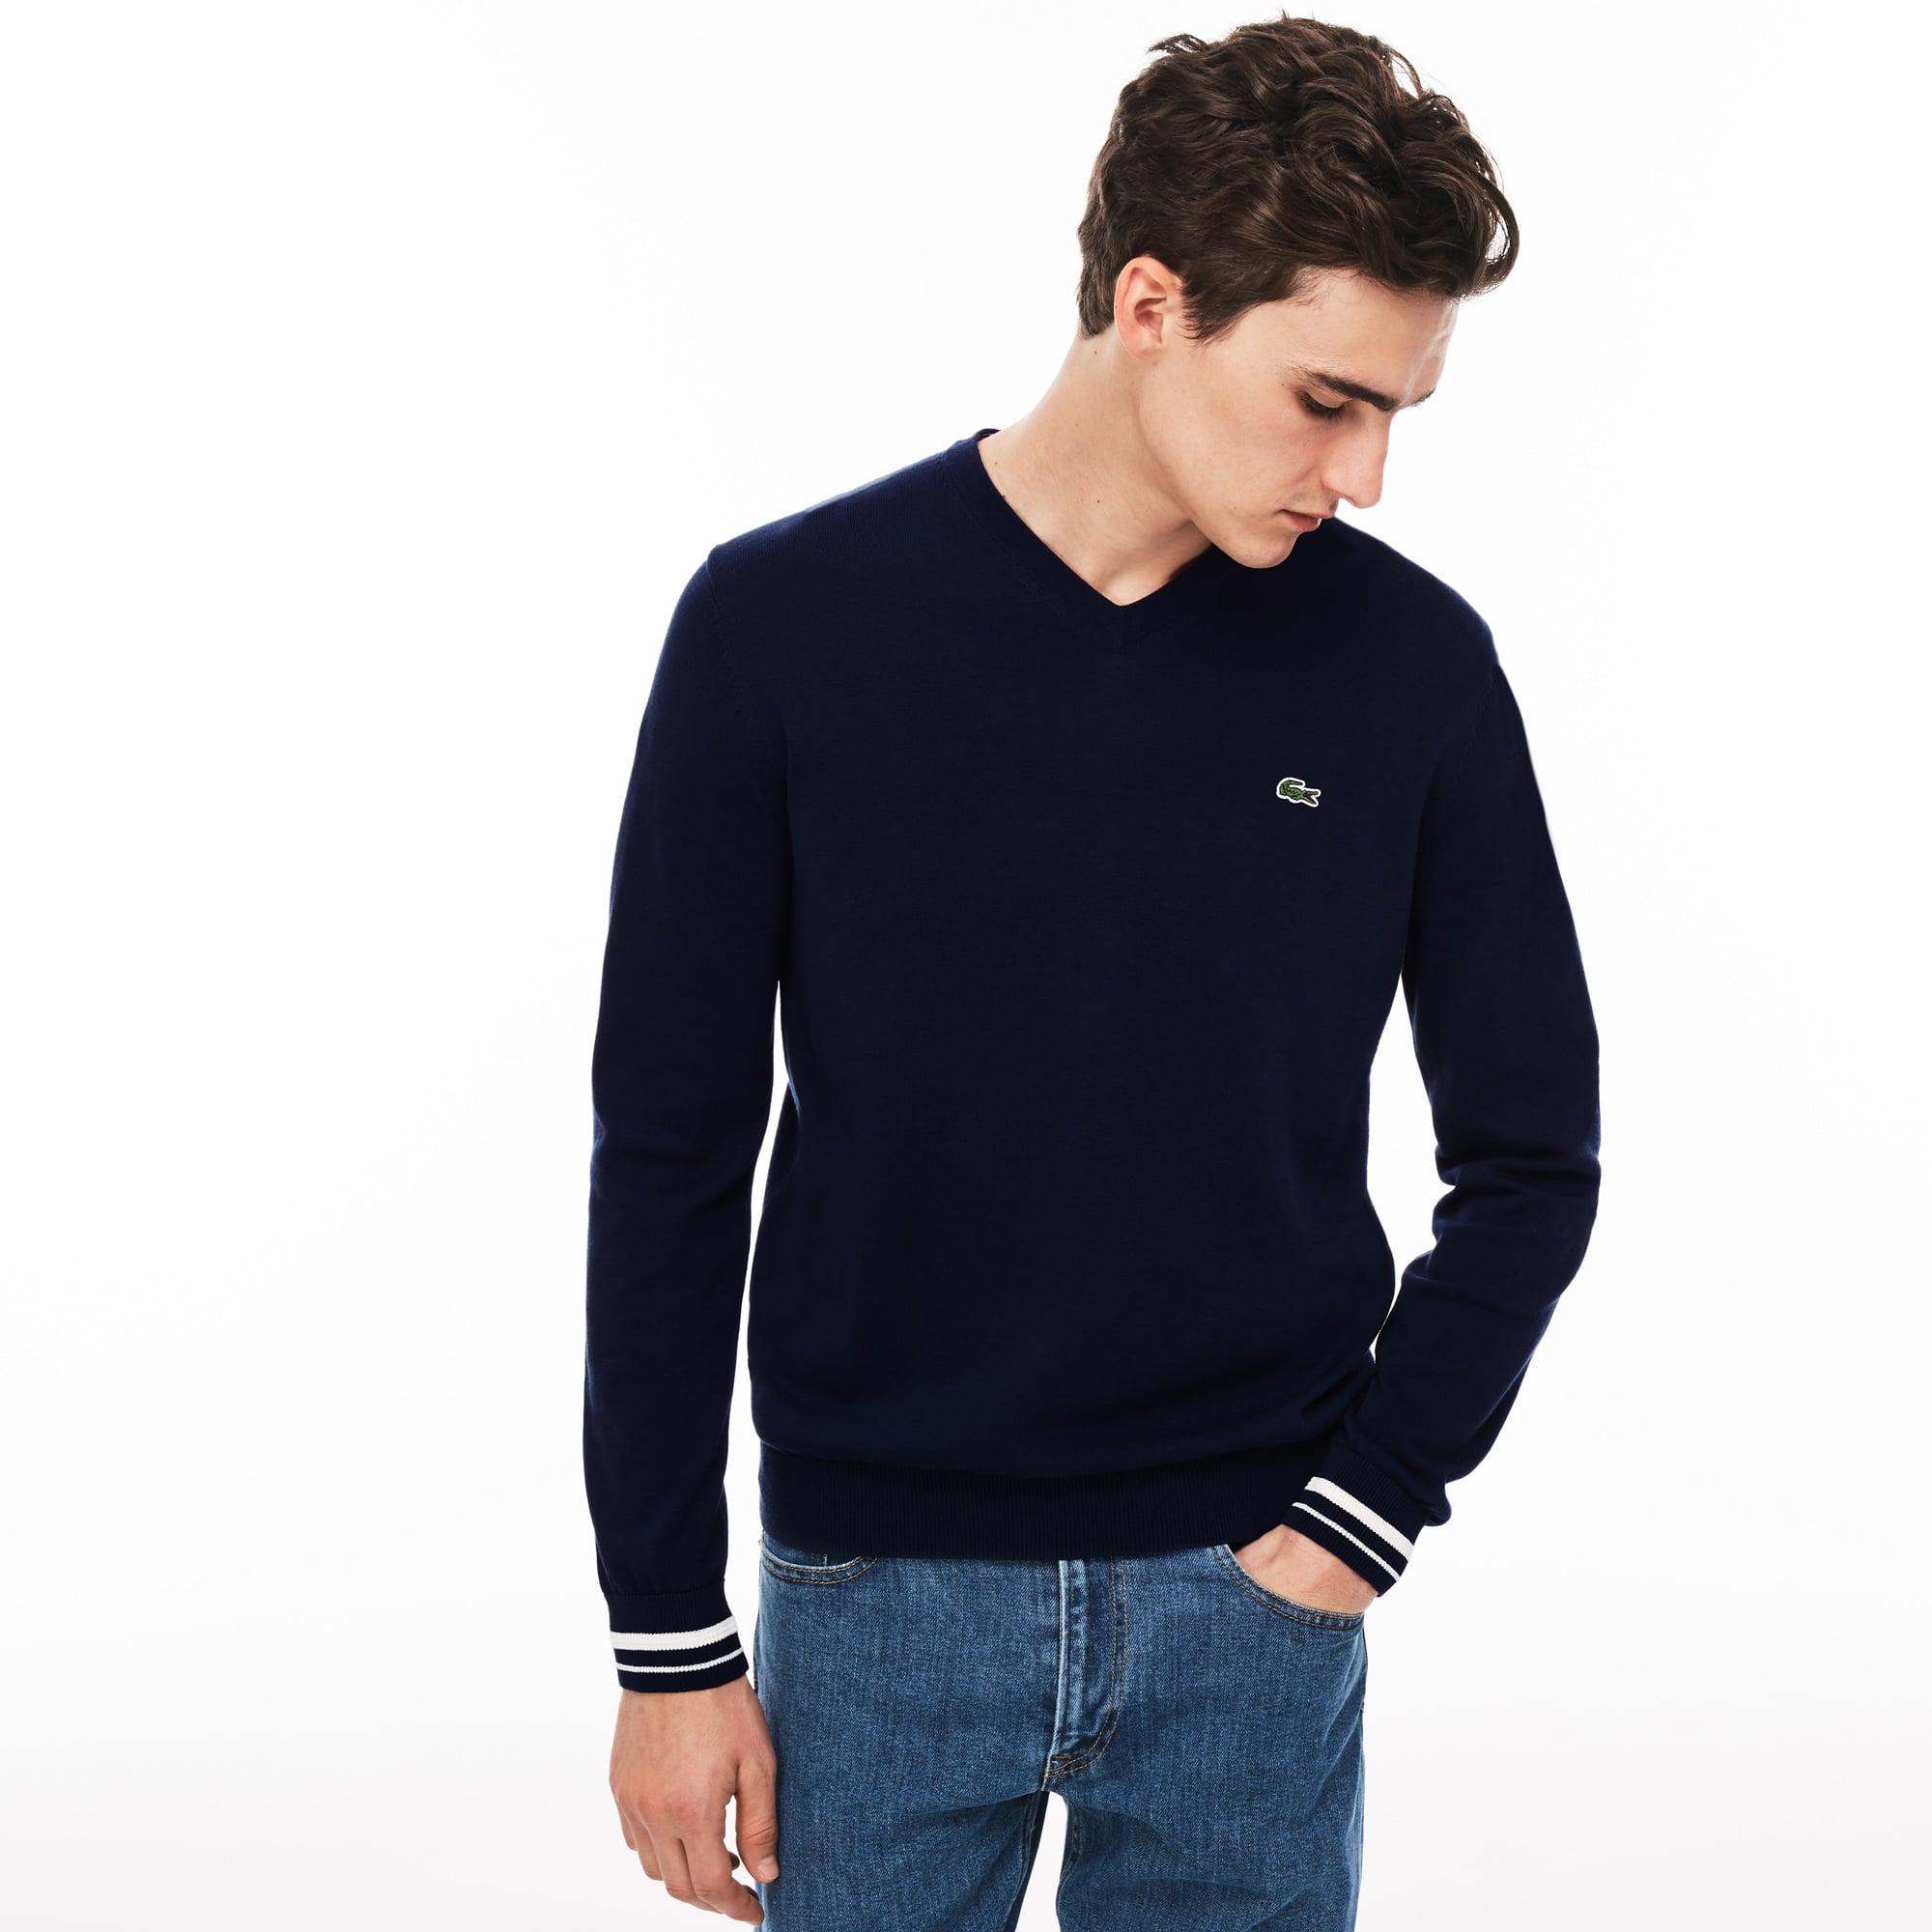 Sweatshirt heren V-hals katoenjersey met contrasterende accenten